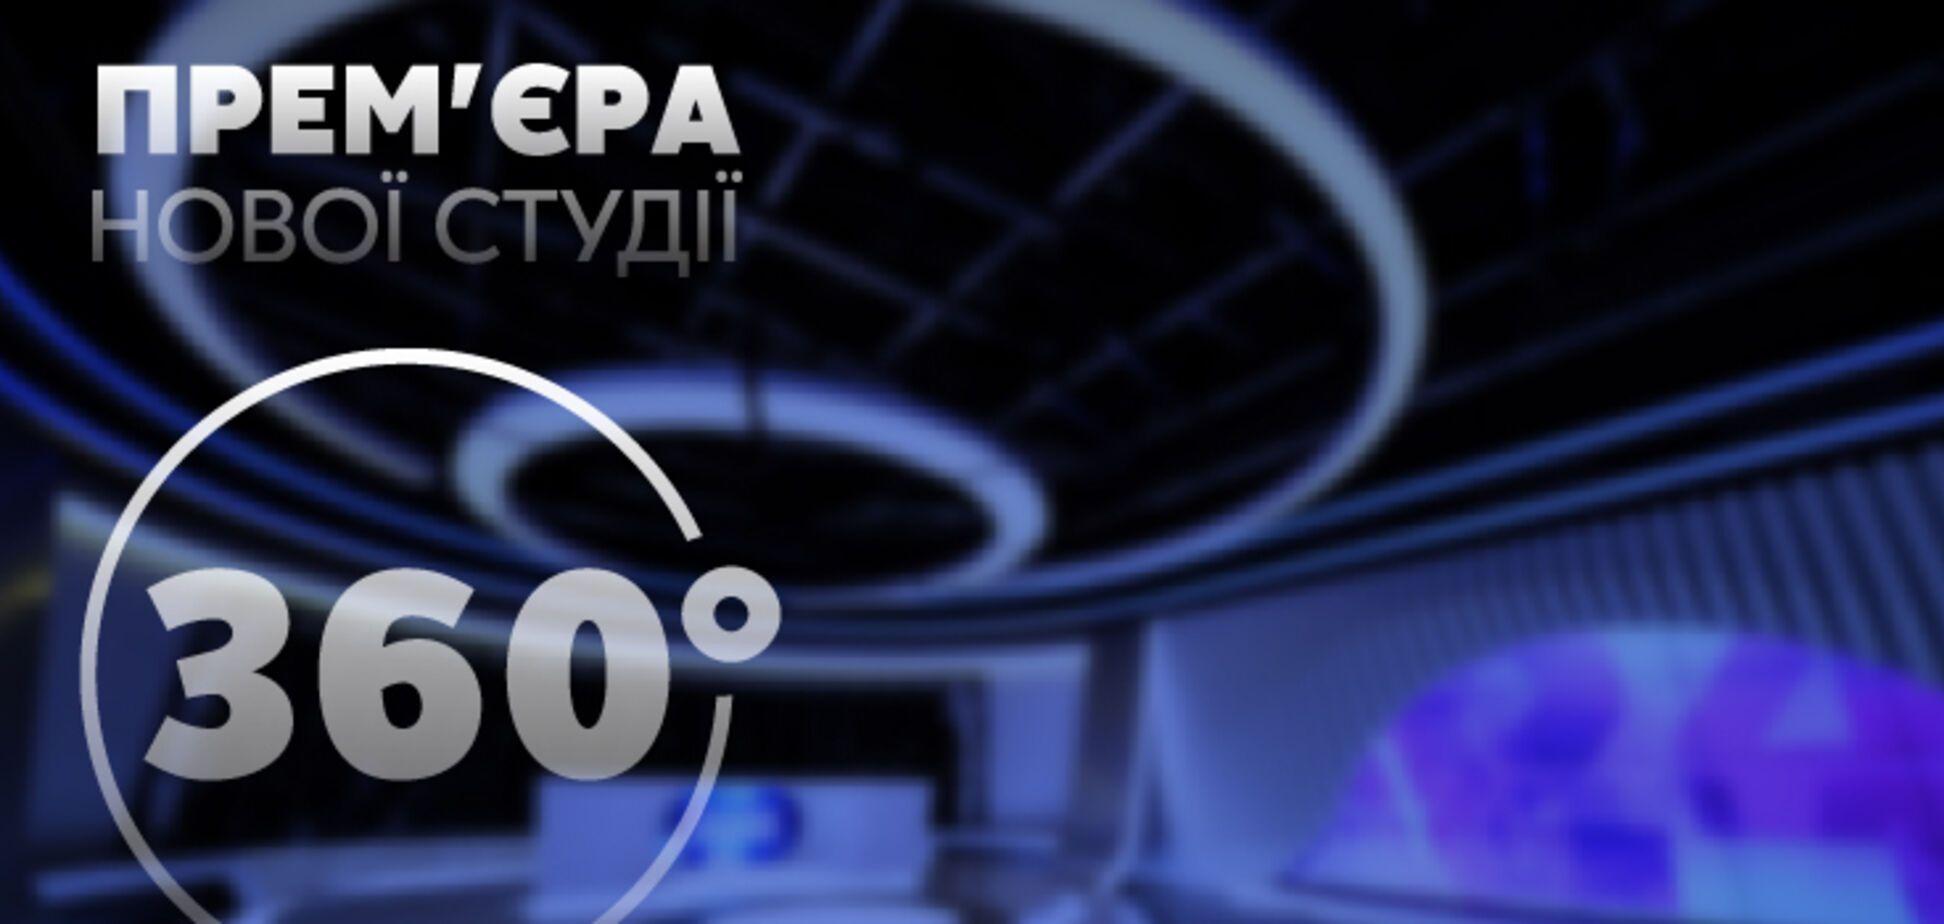 'Новостная Группа Украина' запустила новую инновационную студию 360°